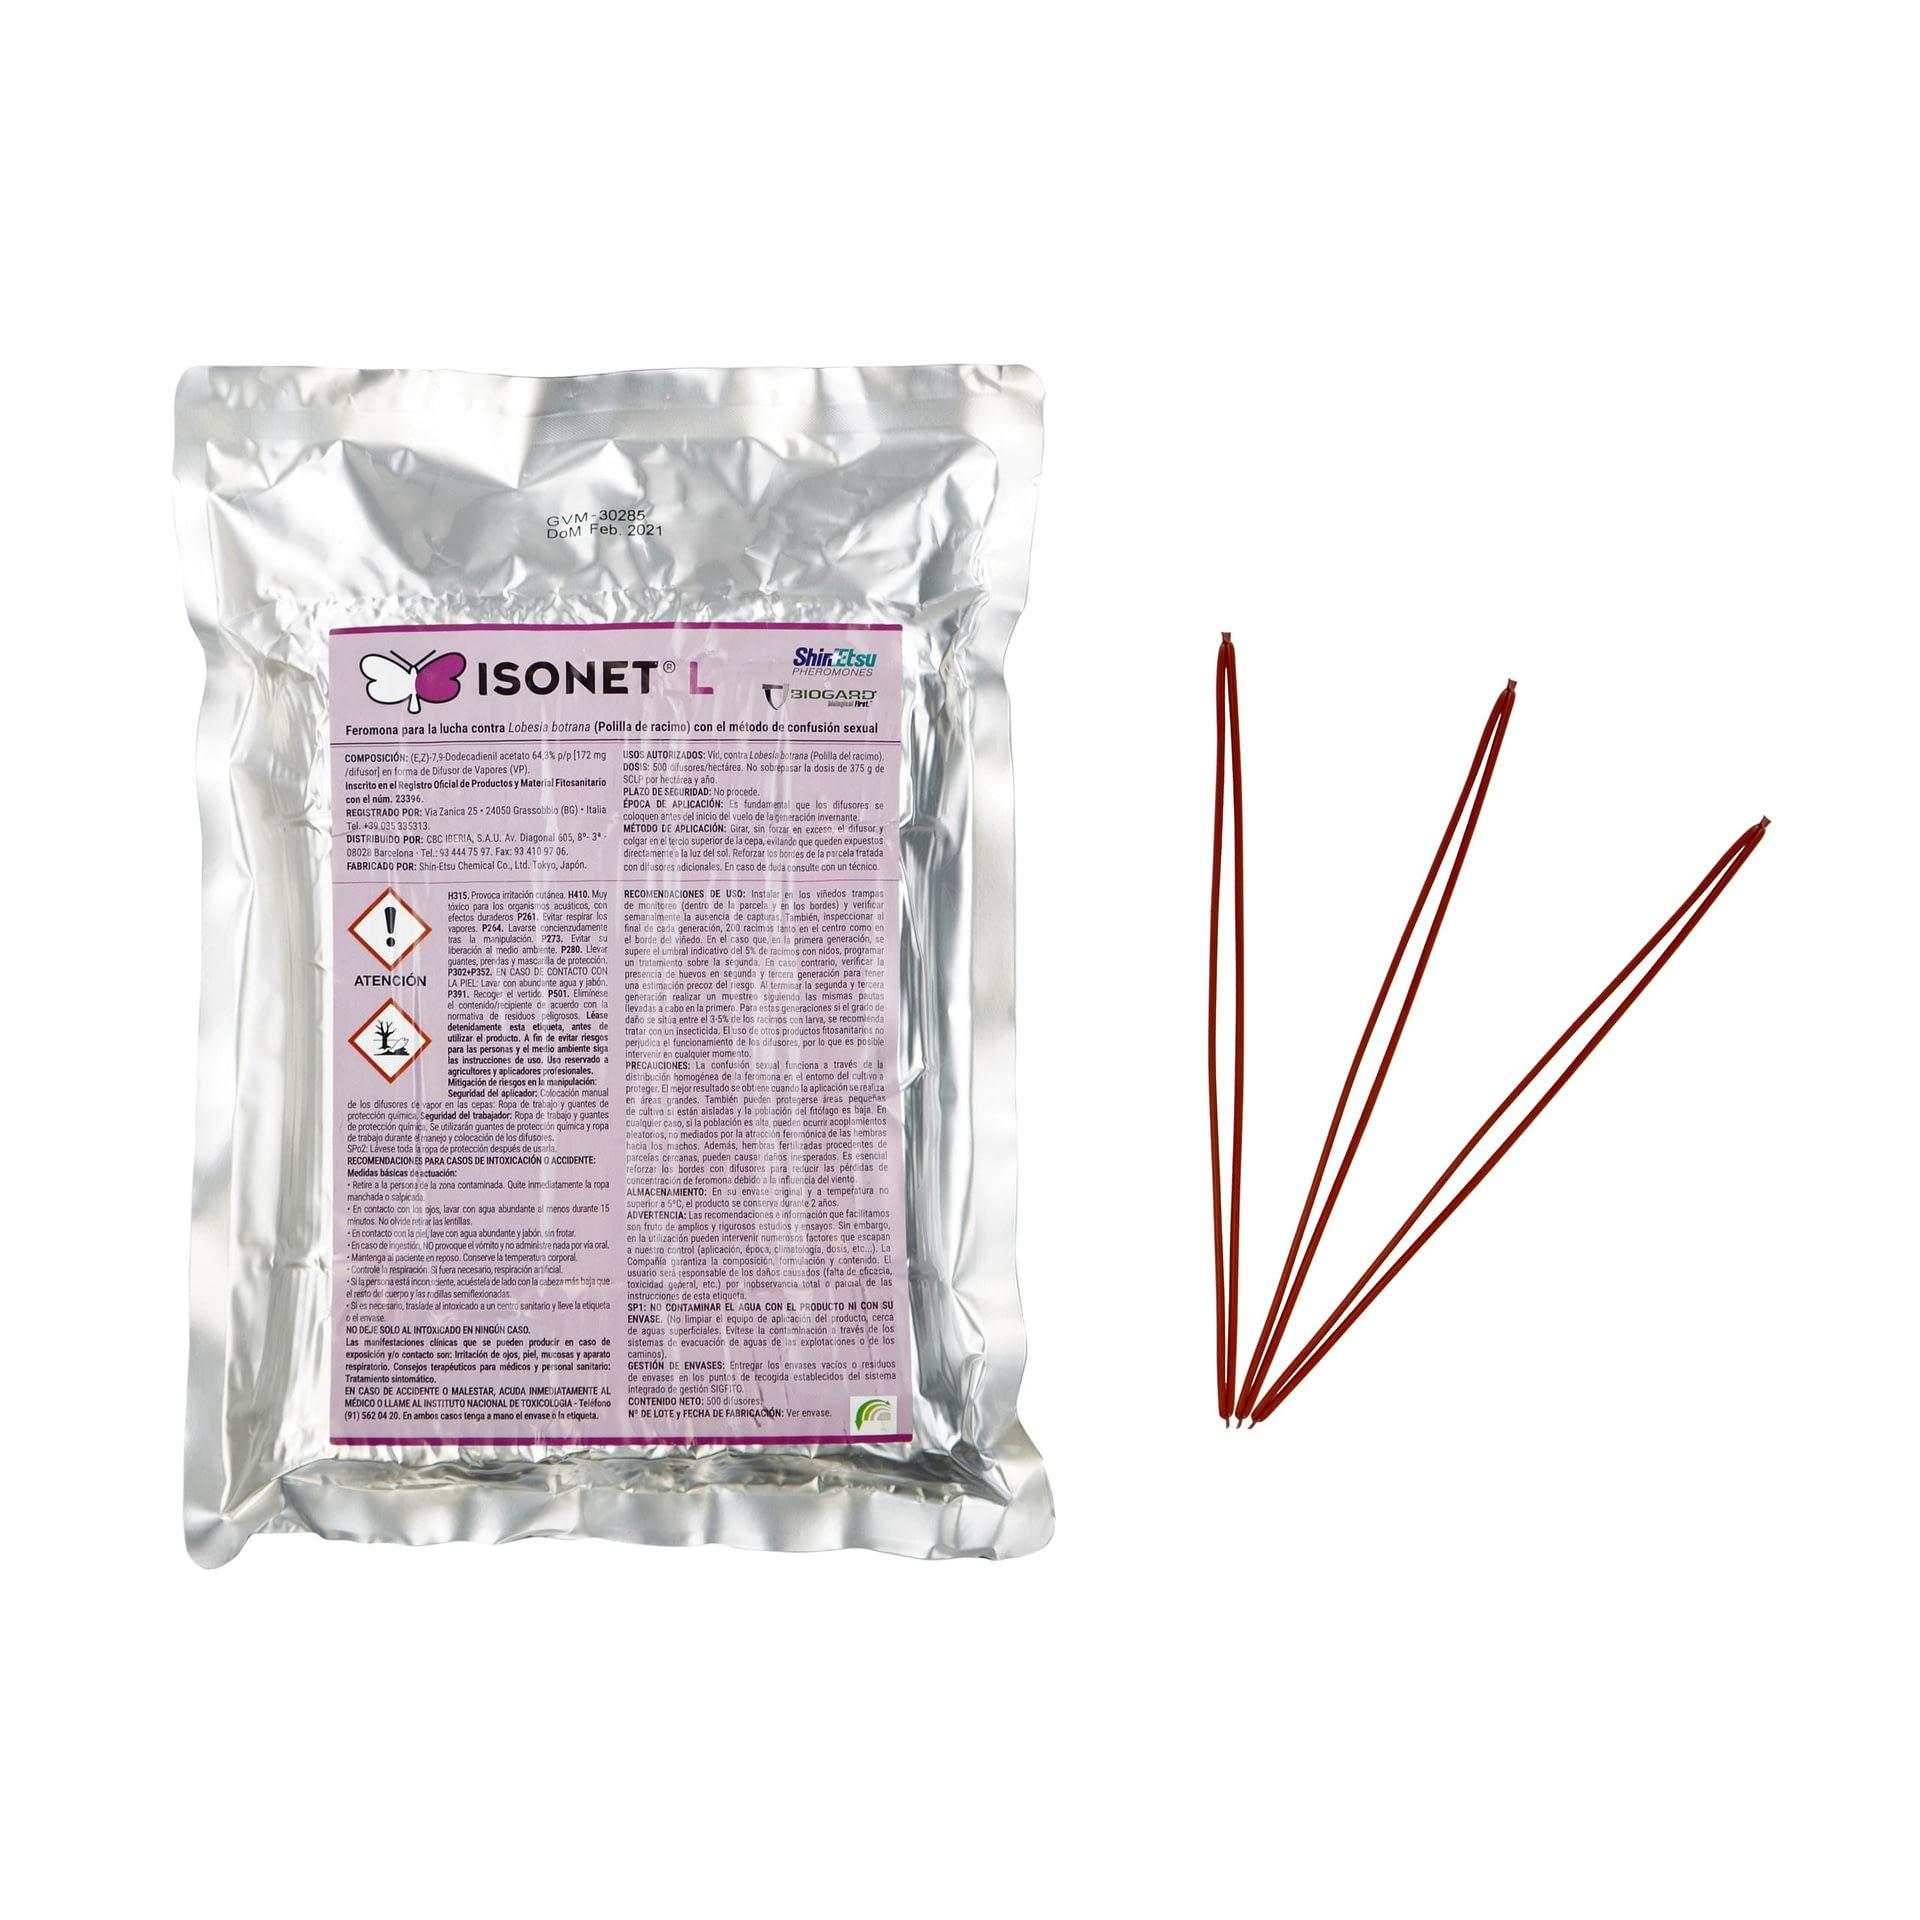 Biogard - Isonet® L